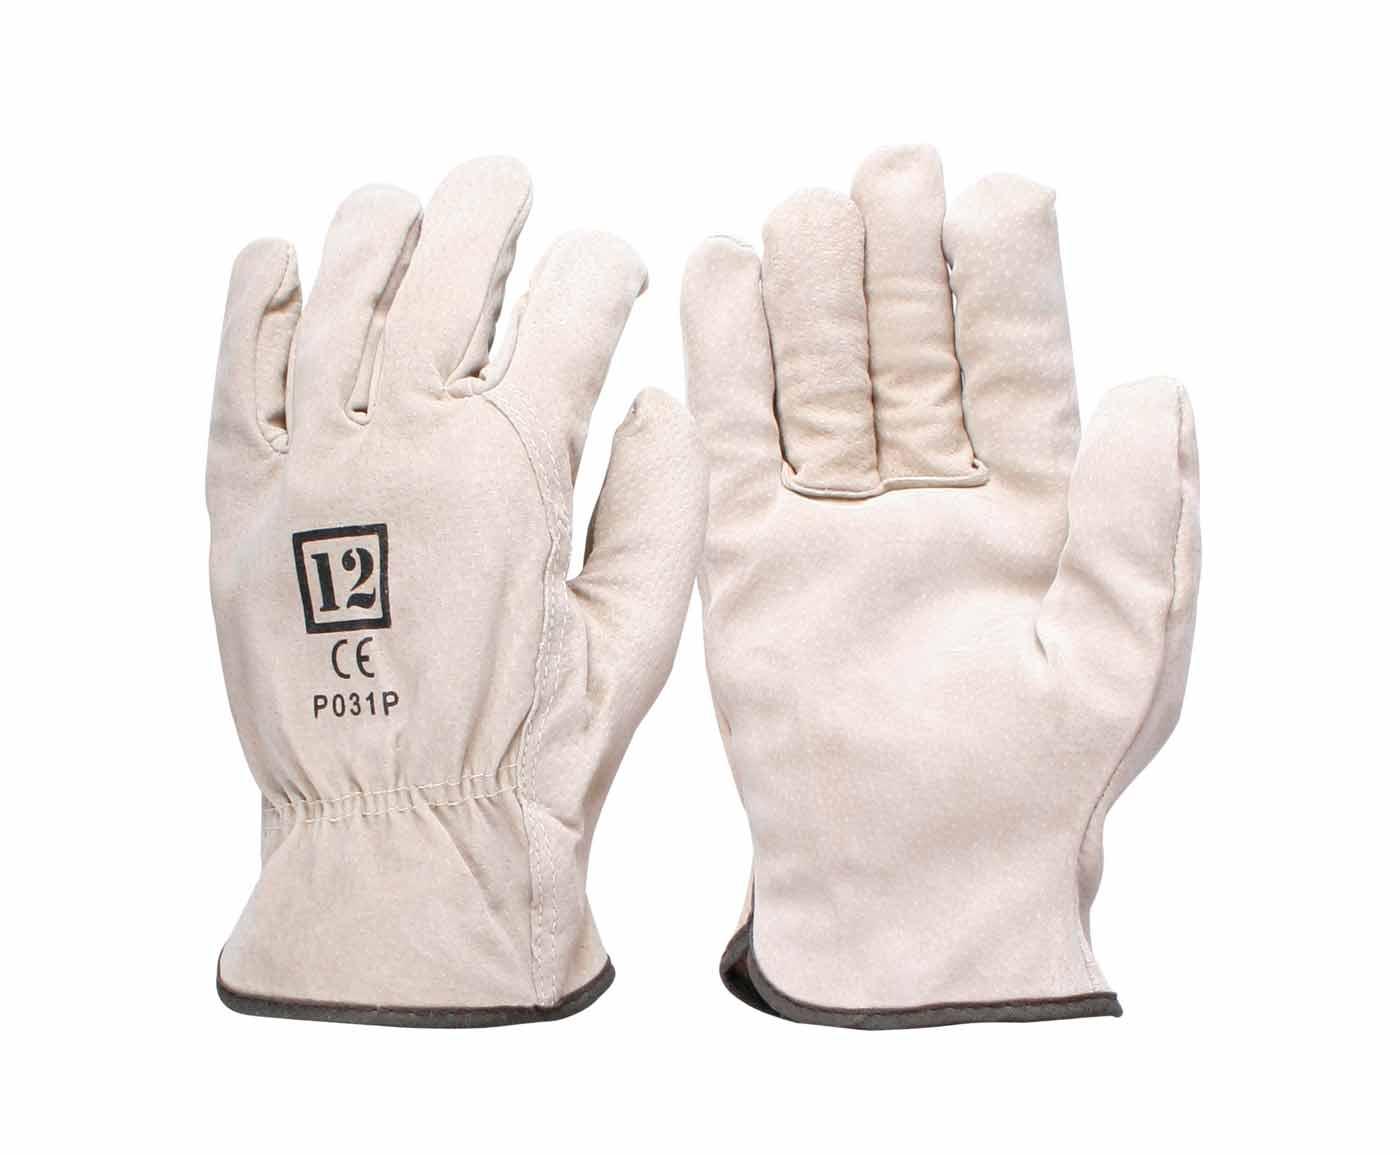 rigger gloves pigskin leather